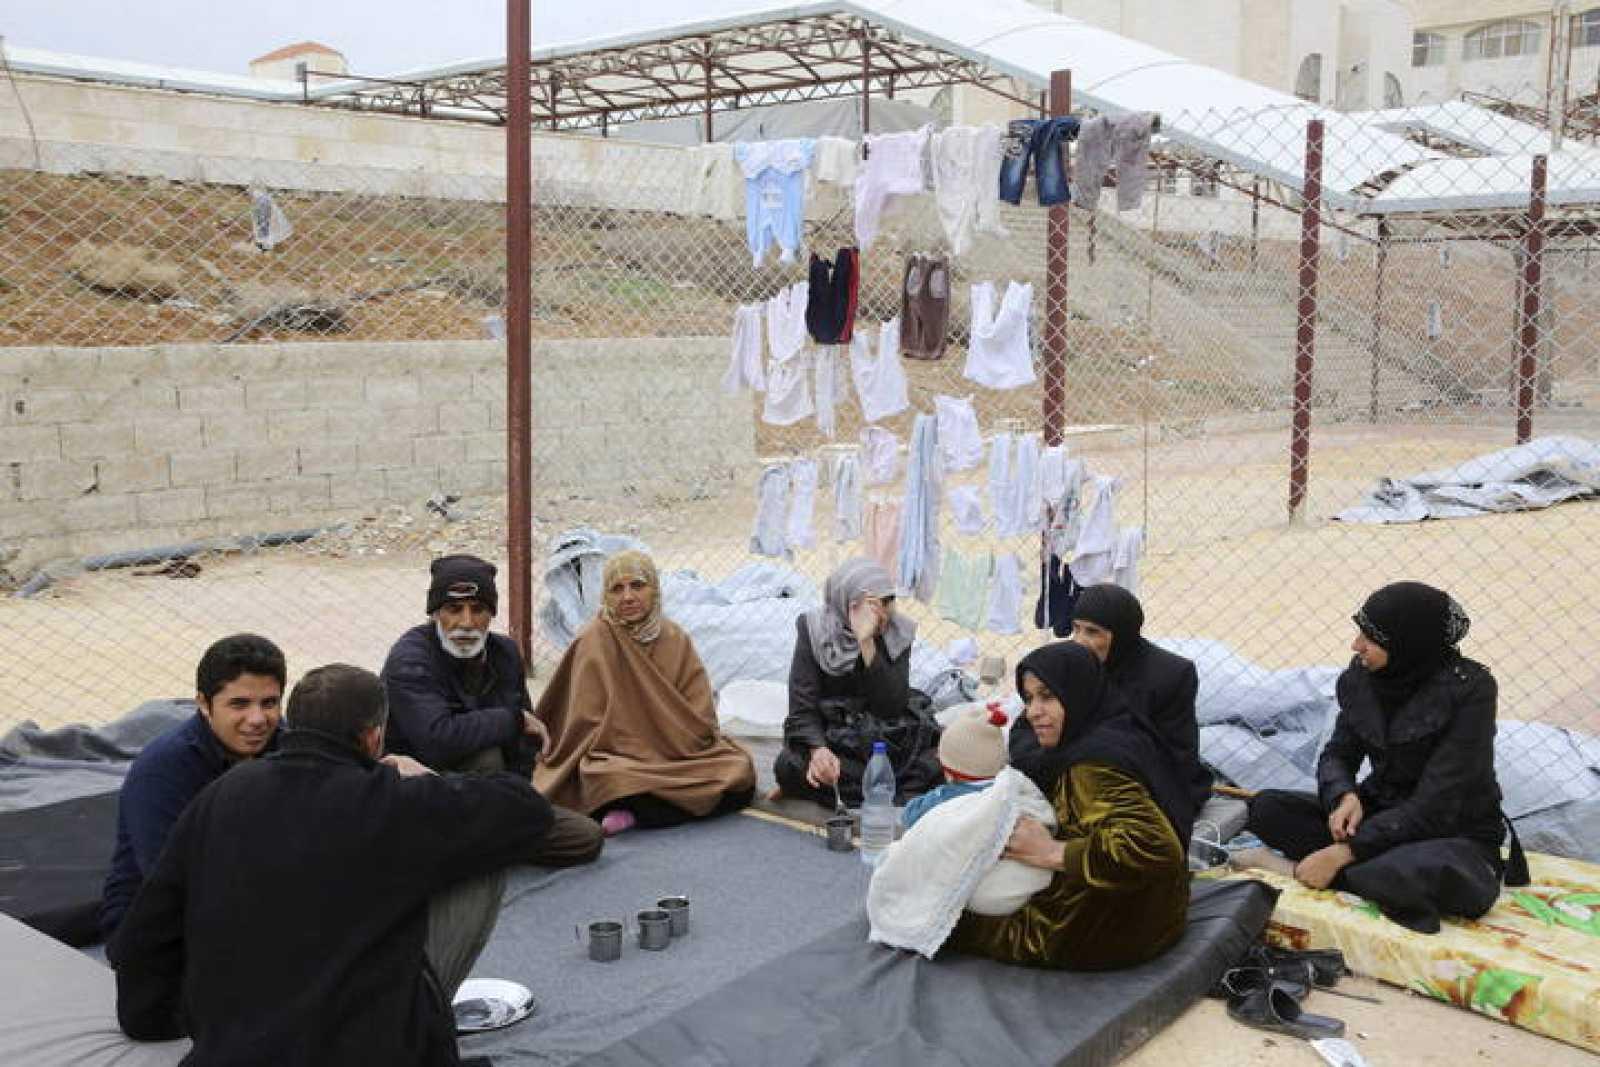 Familias evacuadas por el Ejército del área rebelde de Douma descansan en un centro de acogida temporal en una escuela en Qudsaya, a las afueras de Damasco, en Siria.